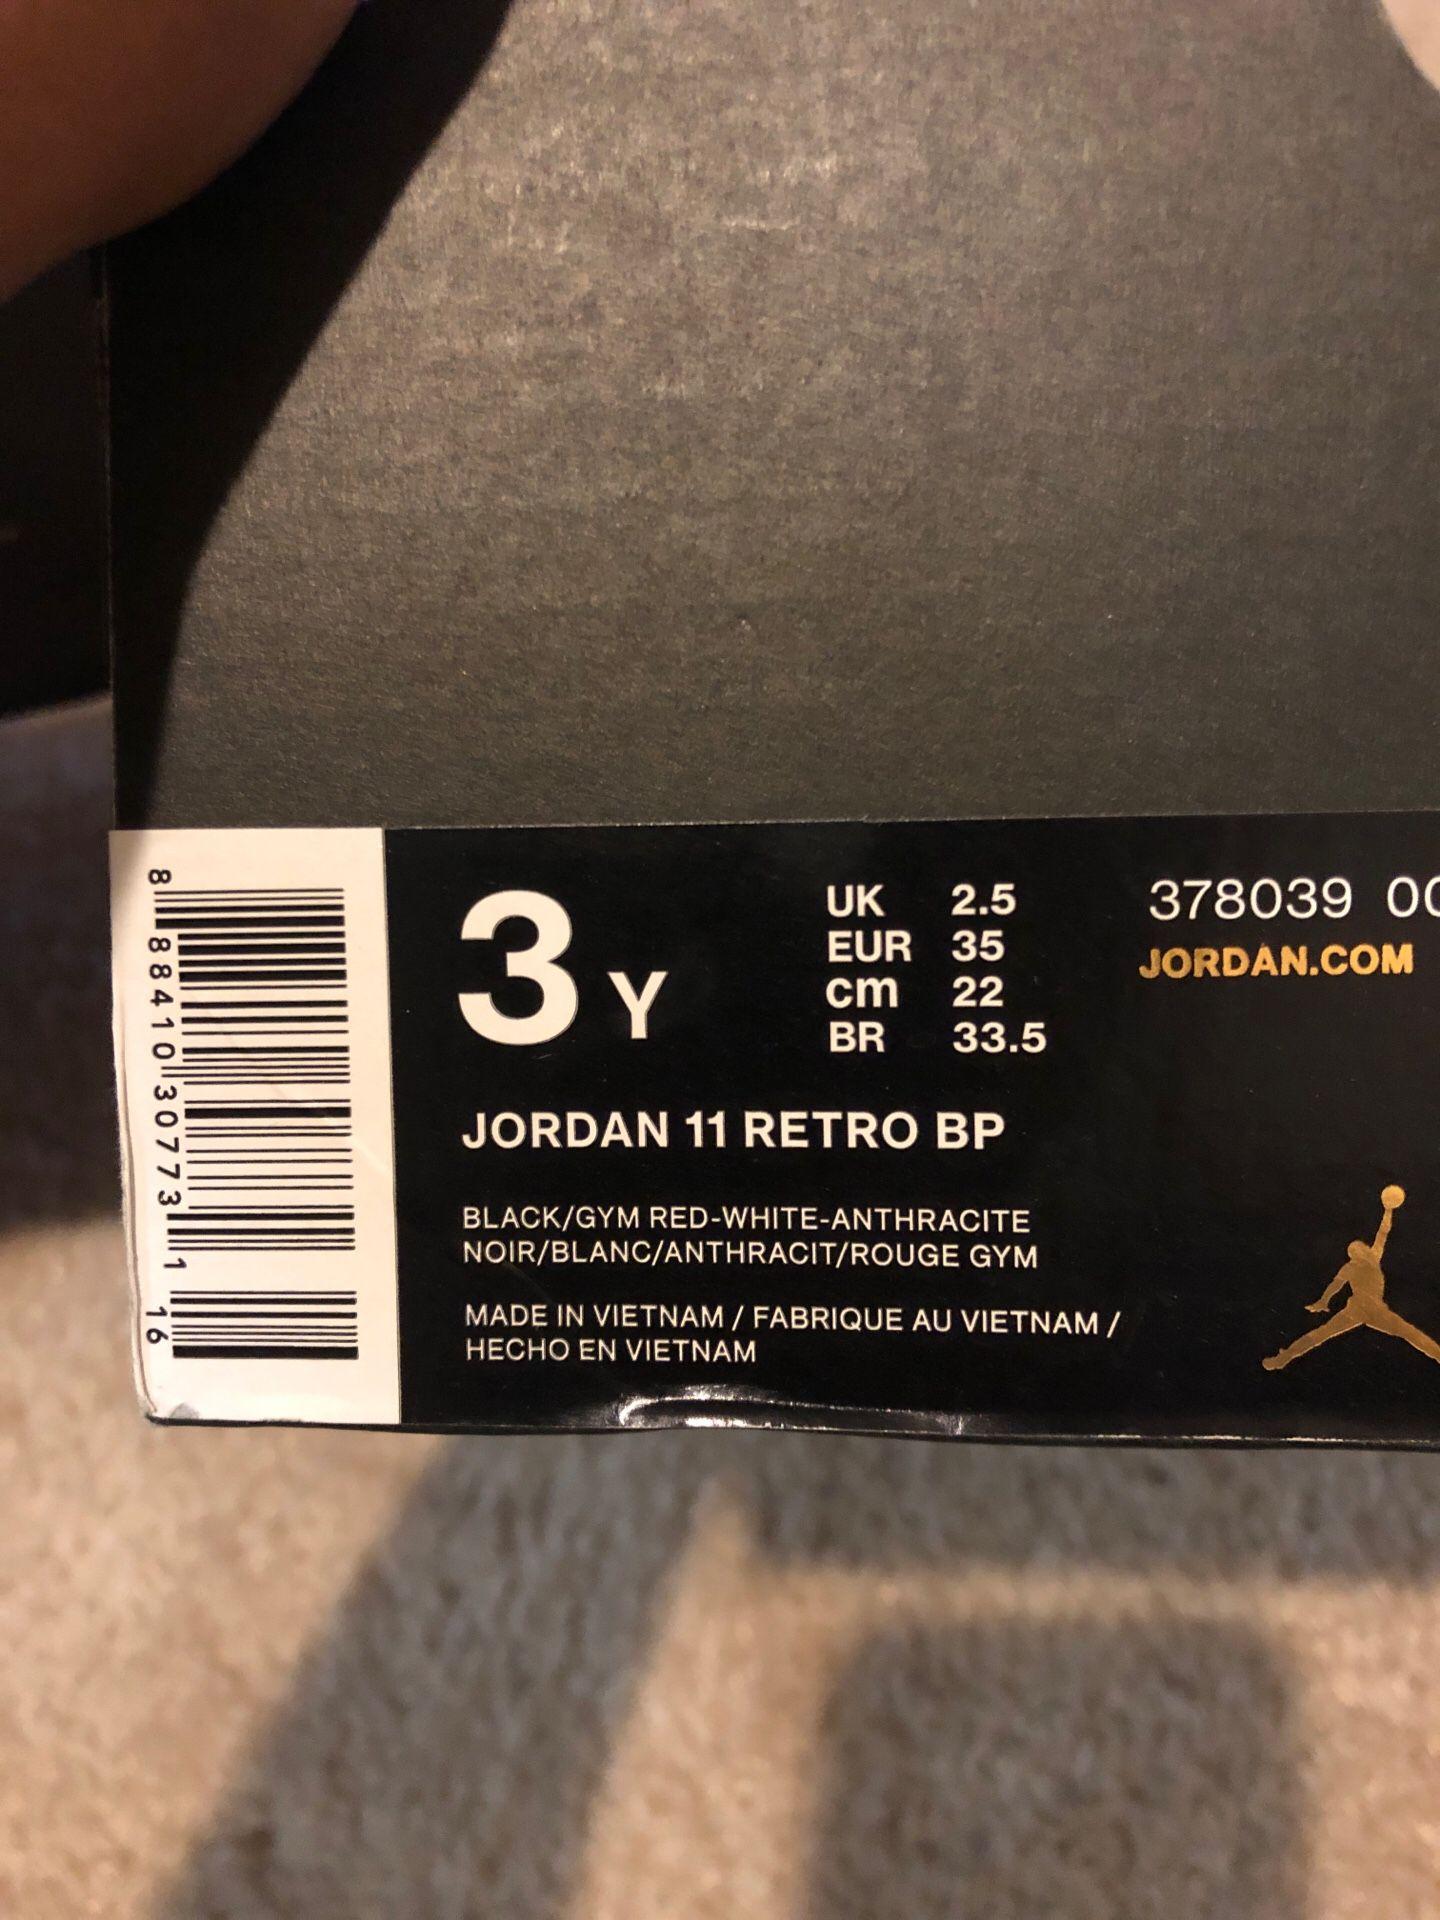 Jordan's 11 Retro